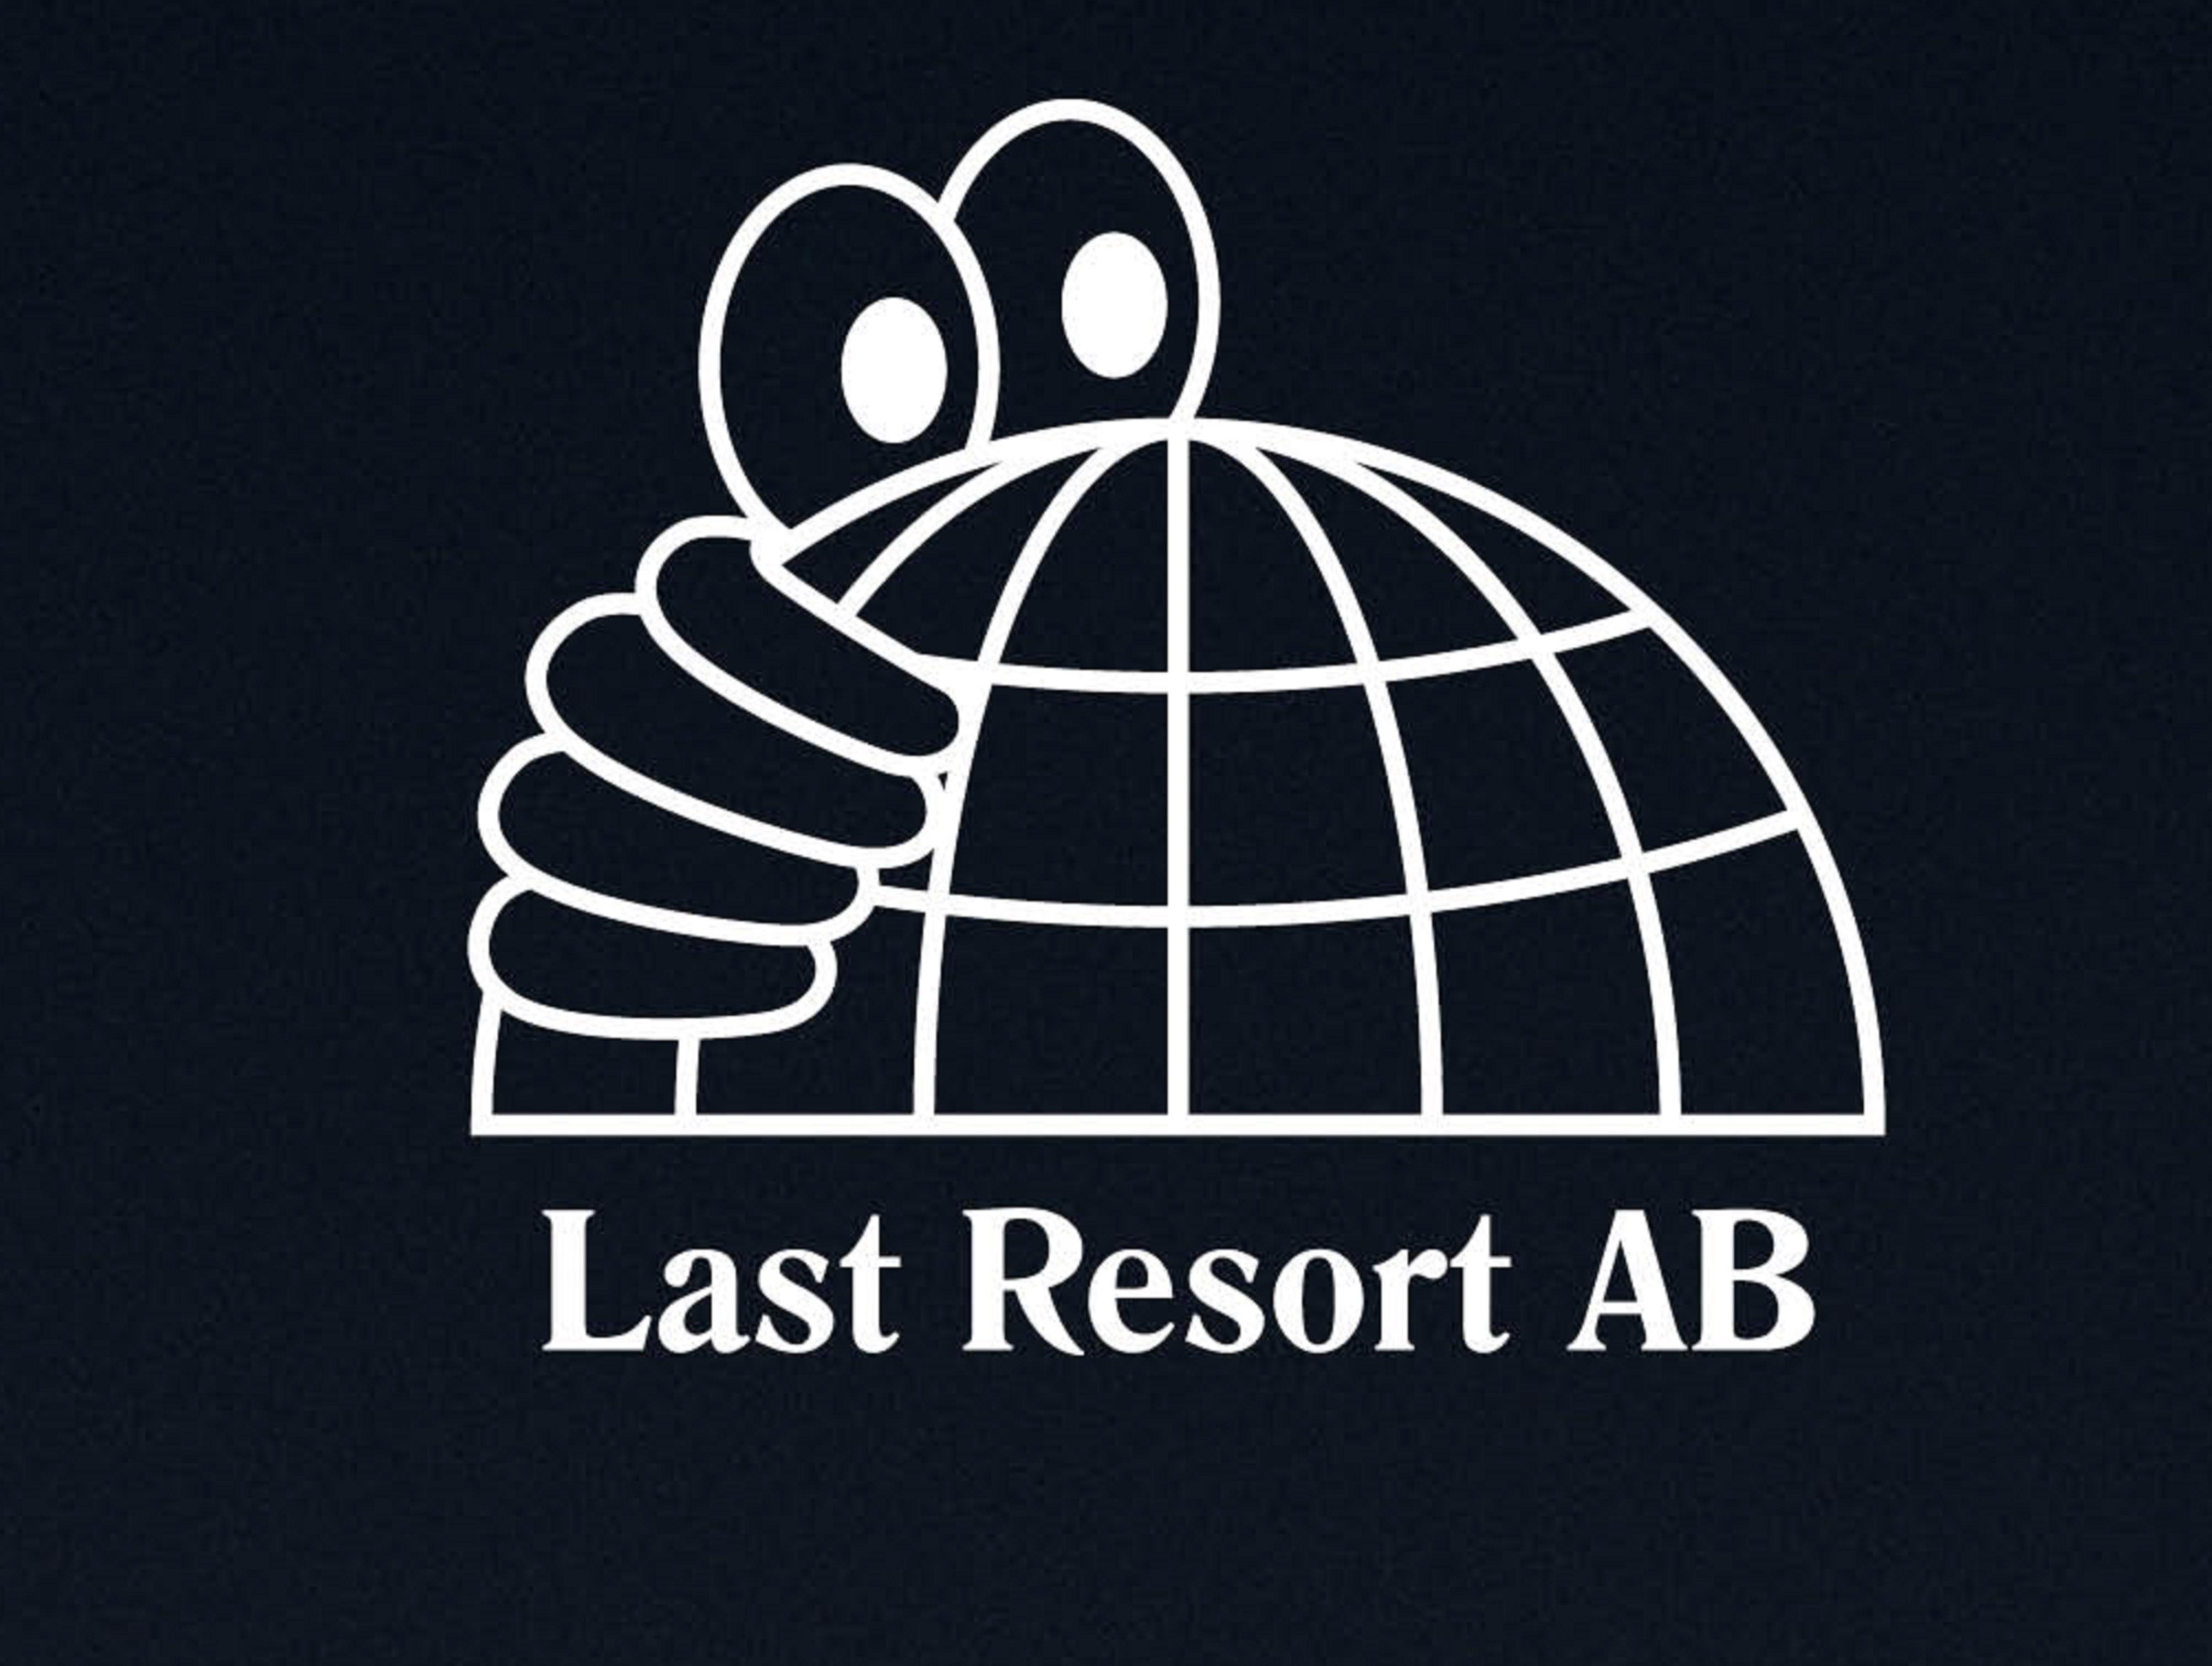 Last Resort AB Drop 2 tenisky online